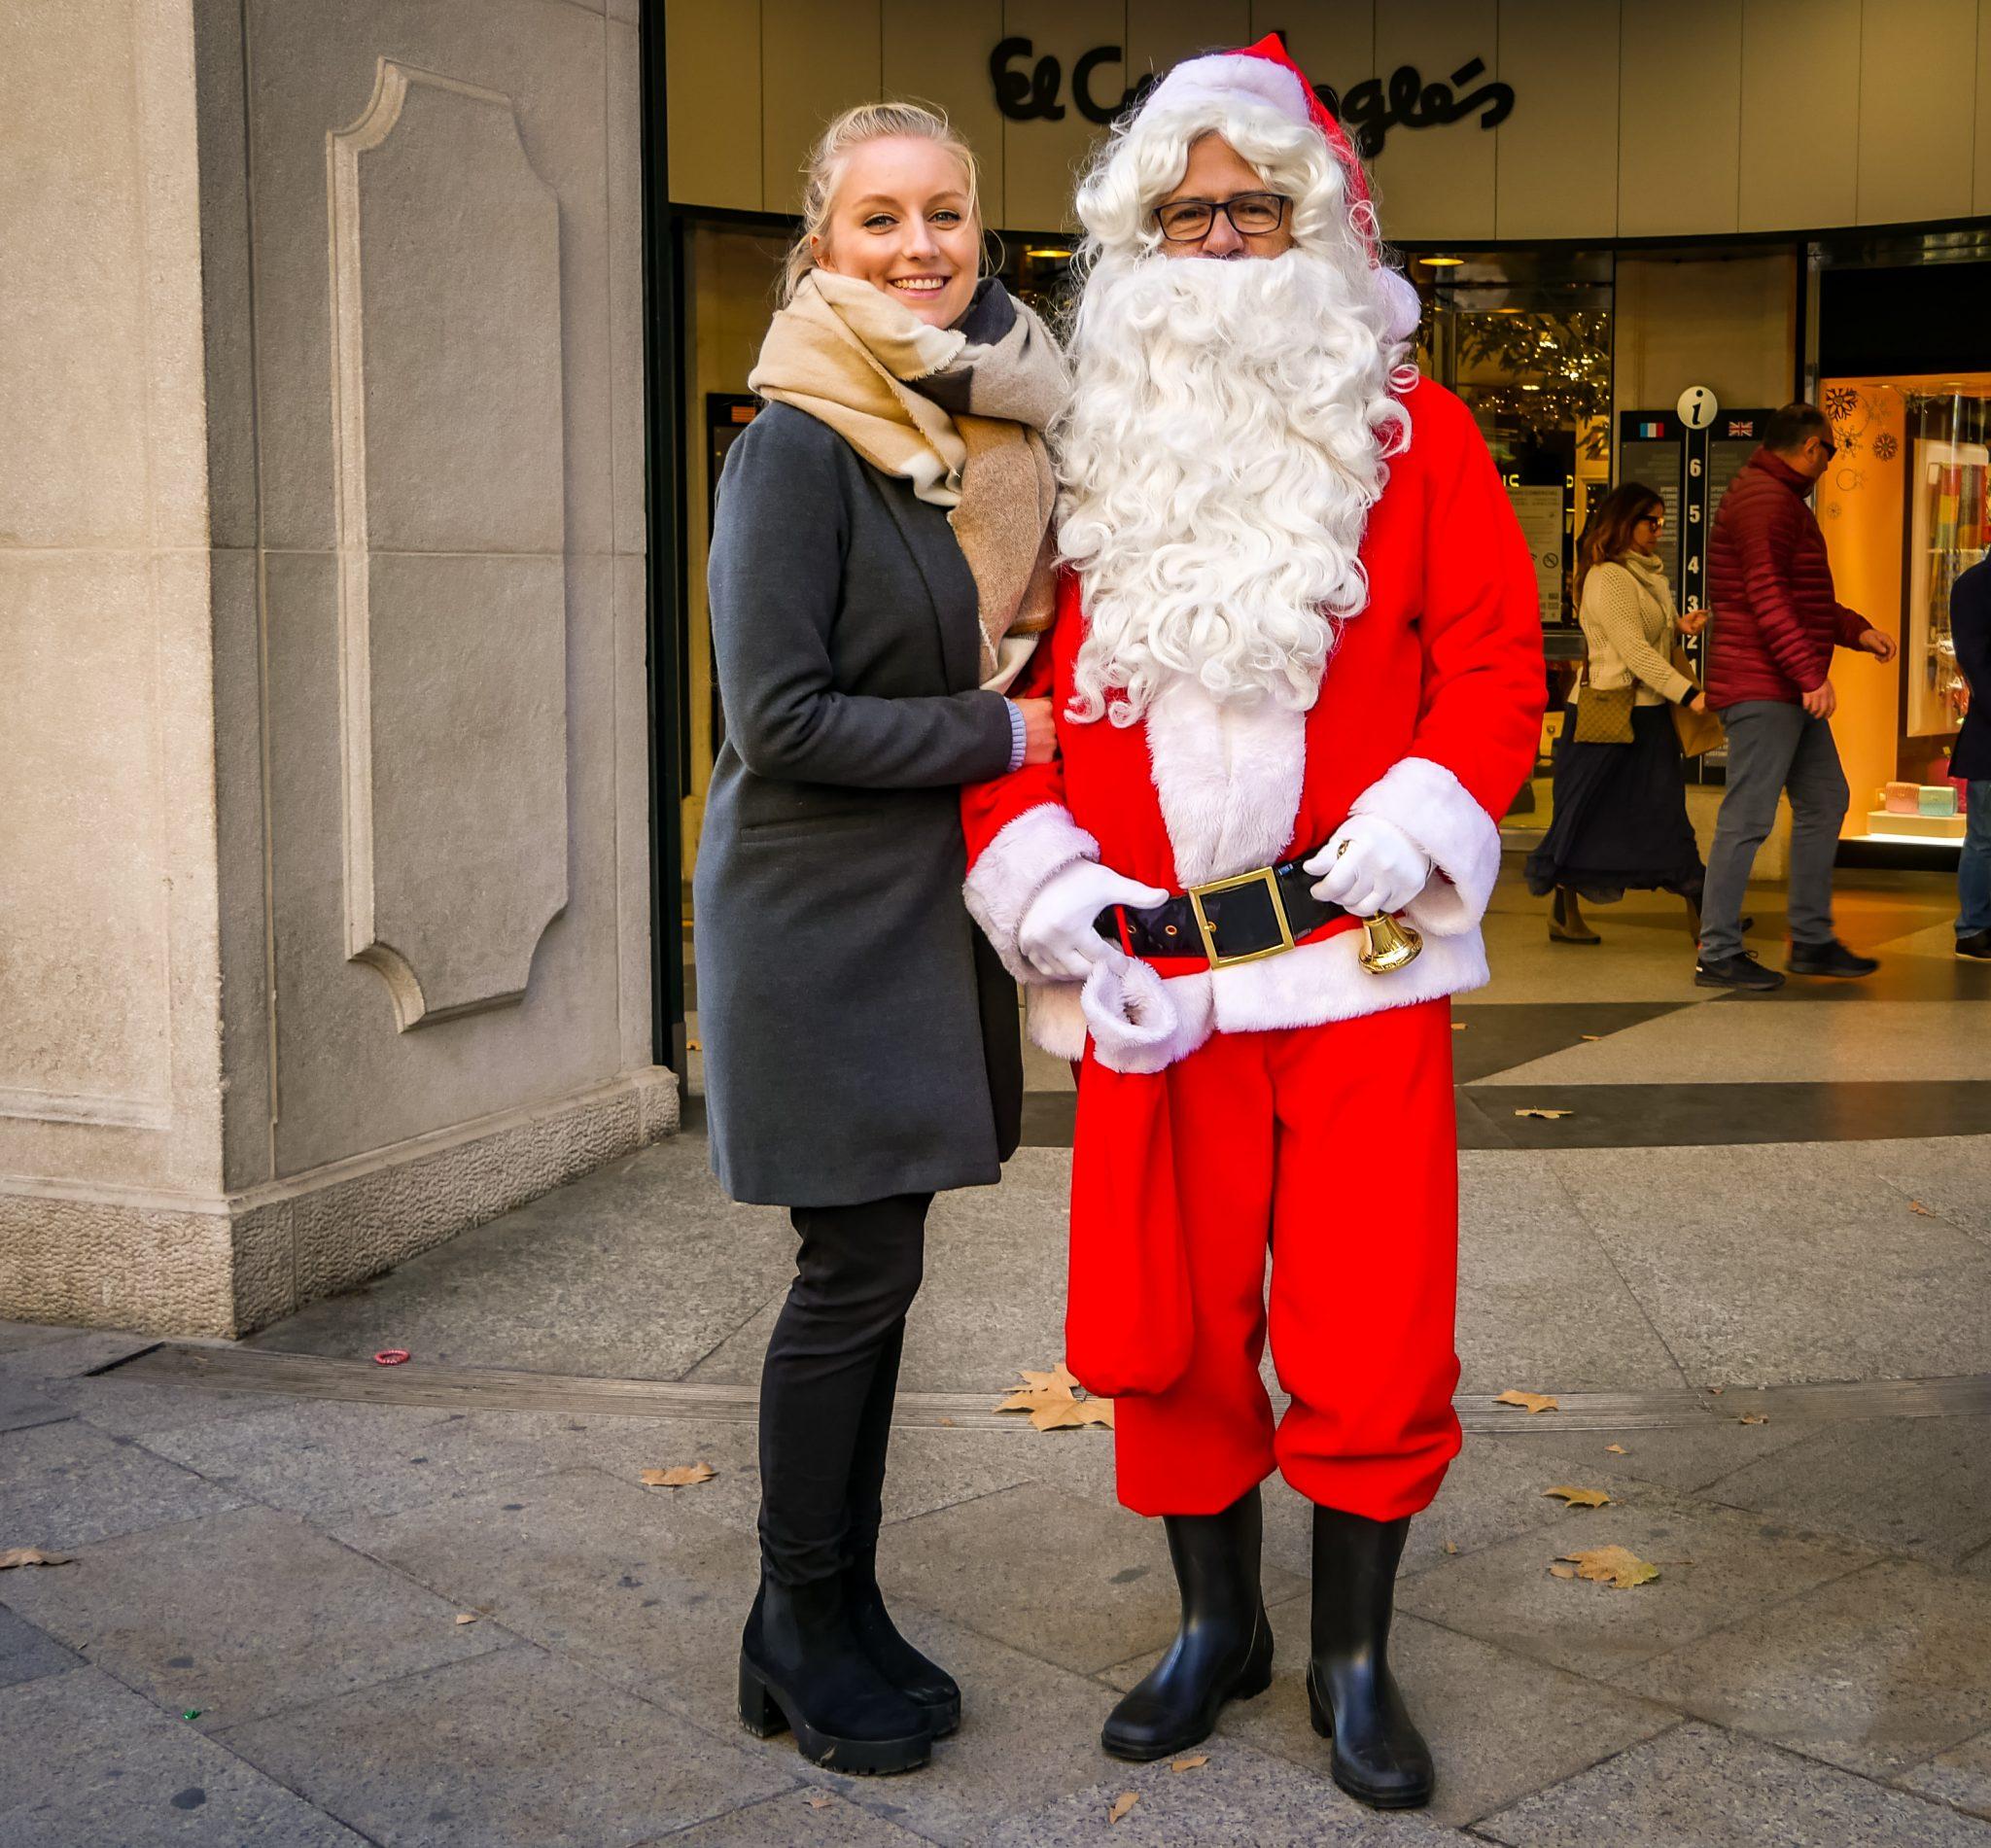 An vielen Kaufhäusern in Barcelona kannst du Weihnachtsmänner vorfinden.